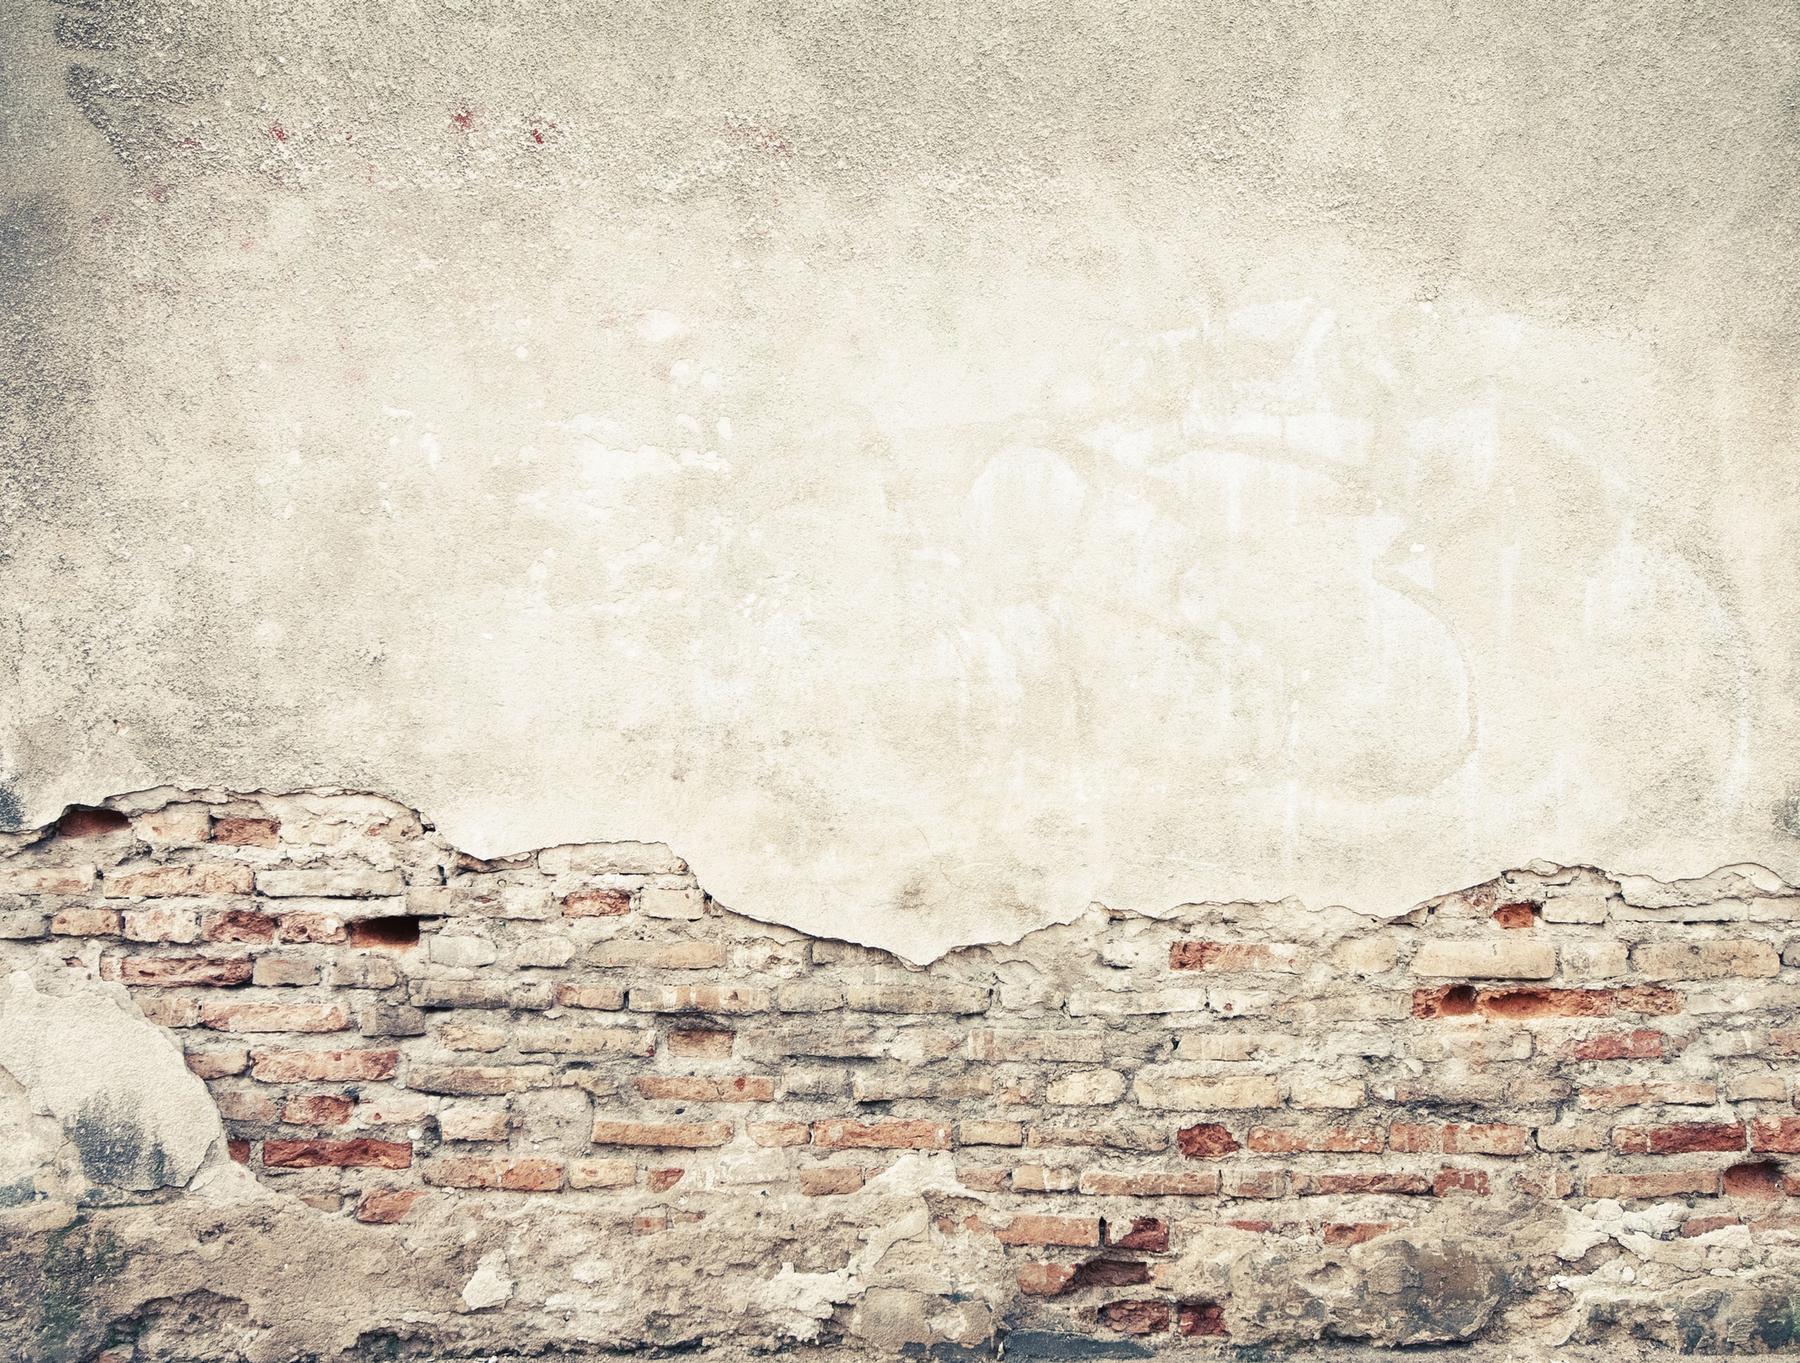 Grunge wall photo